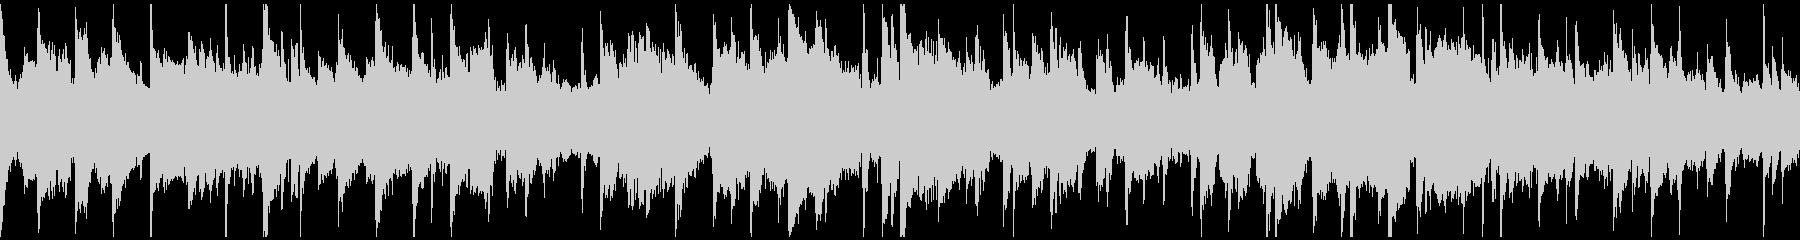 プラネタリウムっぽい幻想的な曲※ループ版の未再生の波形